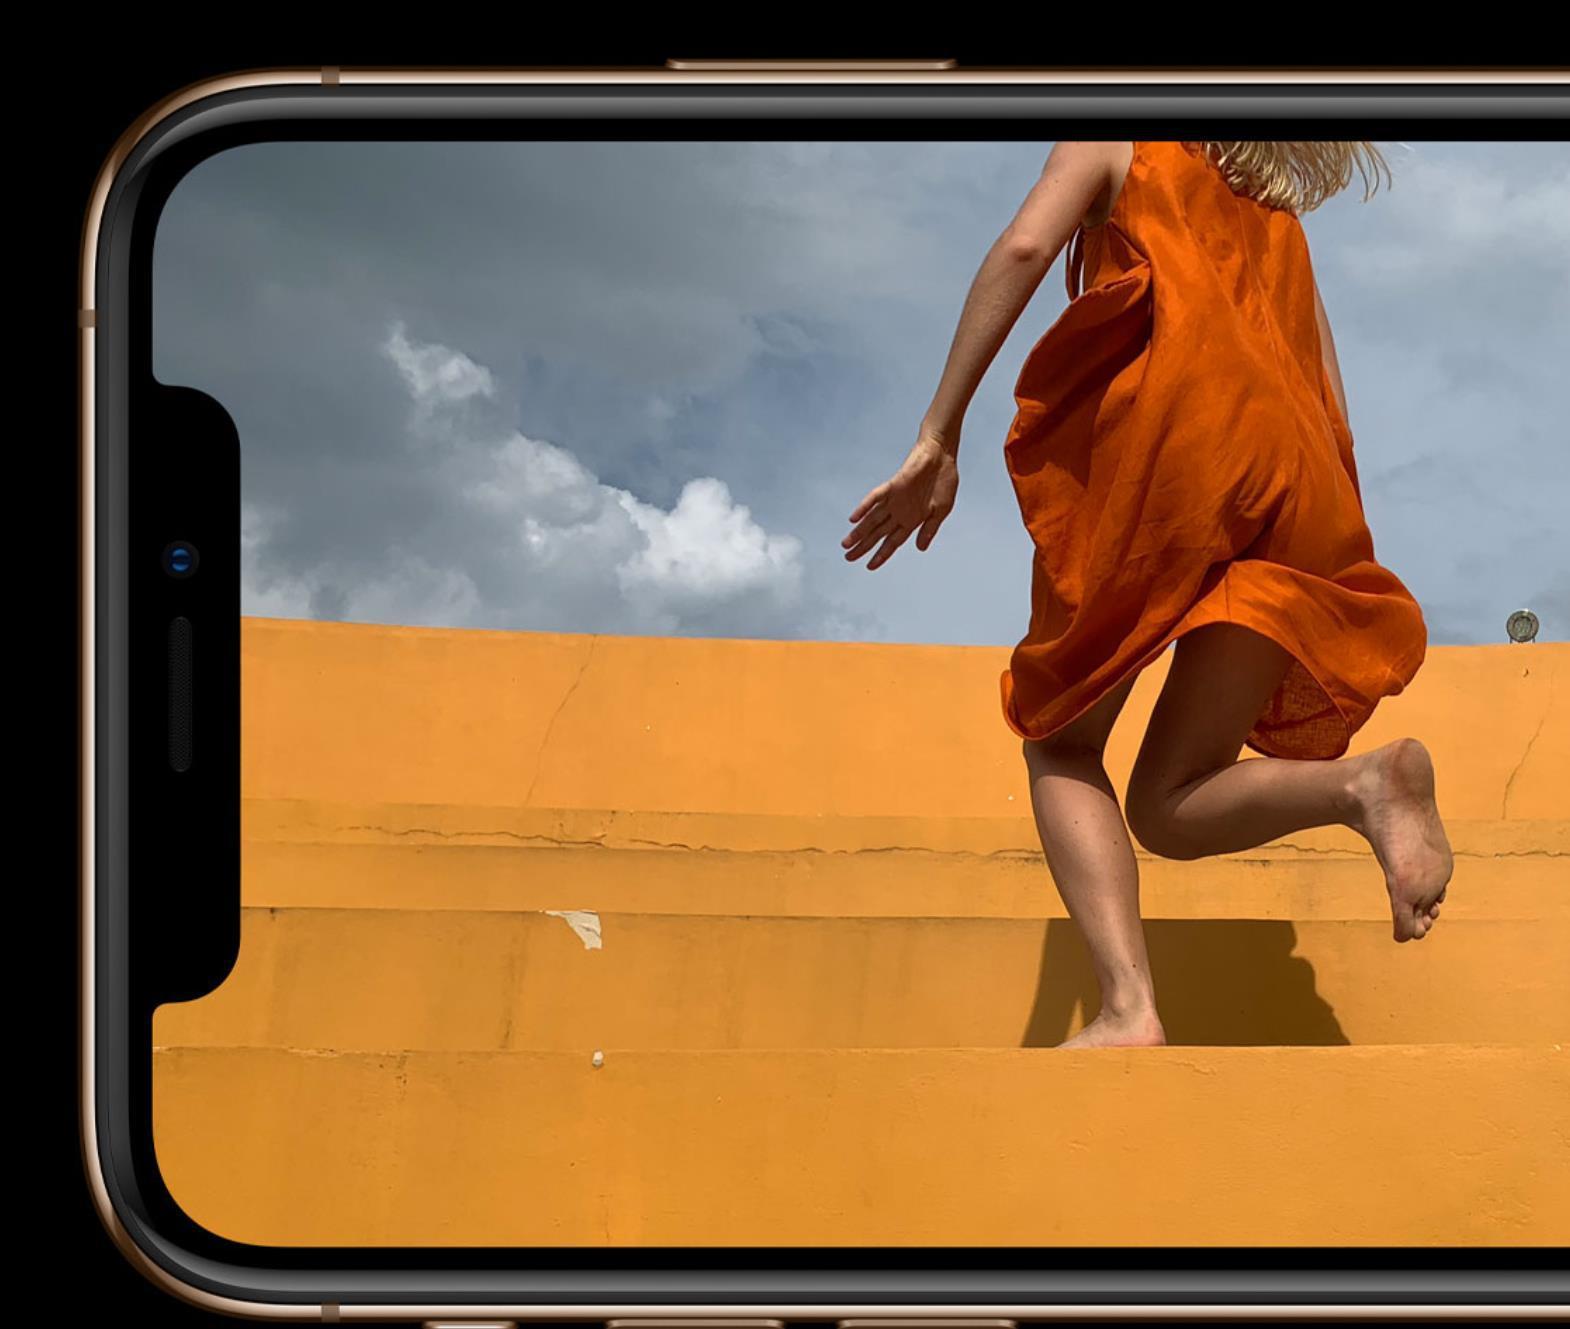 iphonex屏幕狂闪绿屏(iphonex摔了之后闪绿屏)